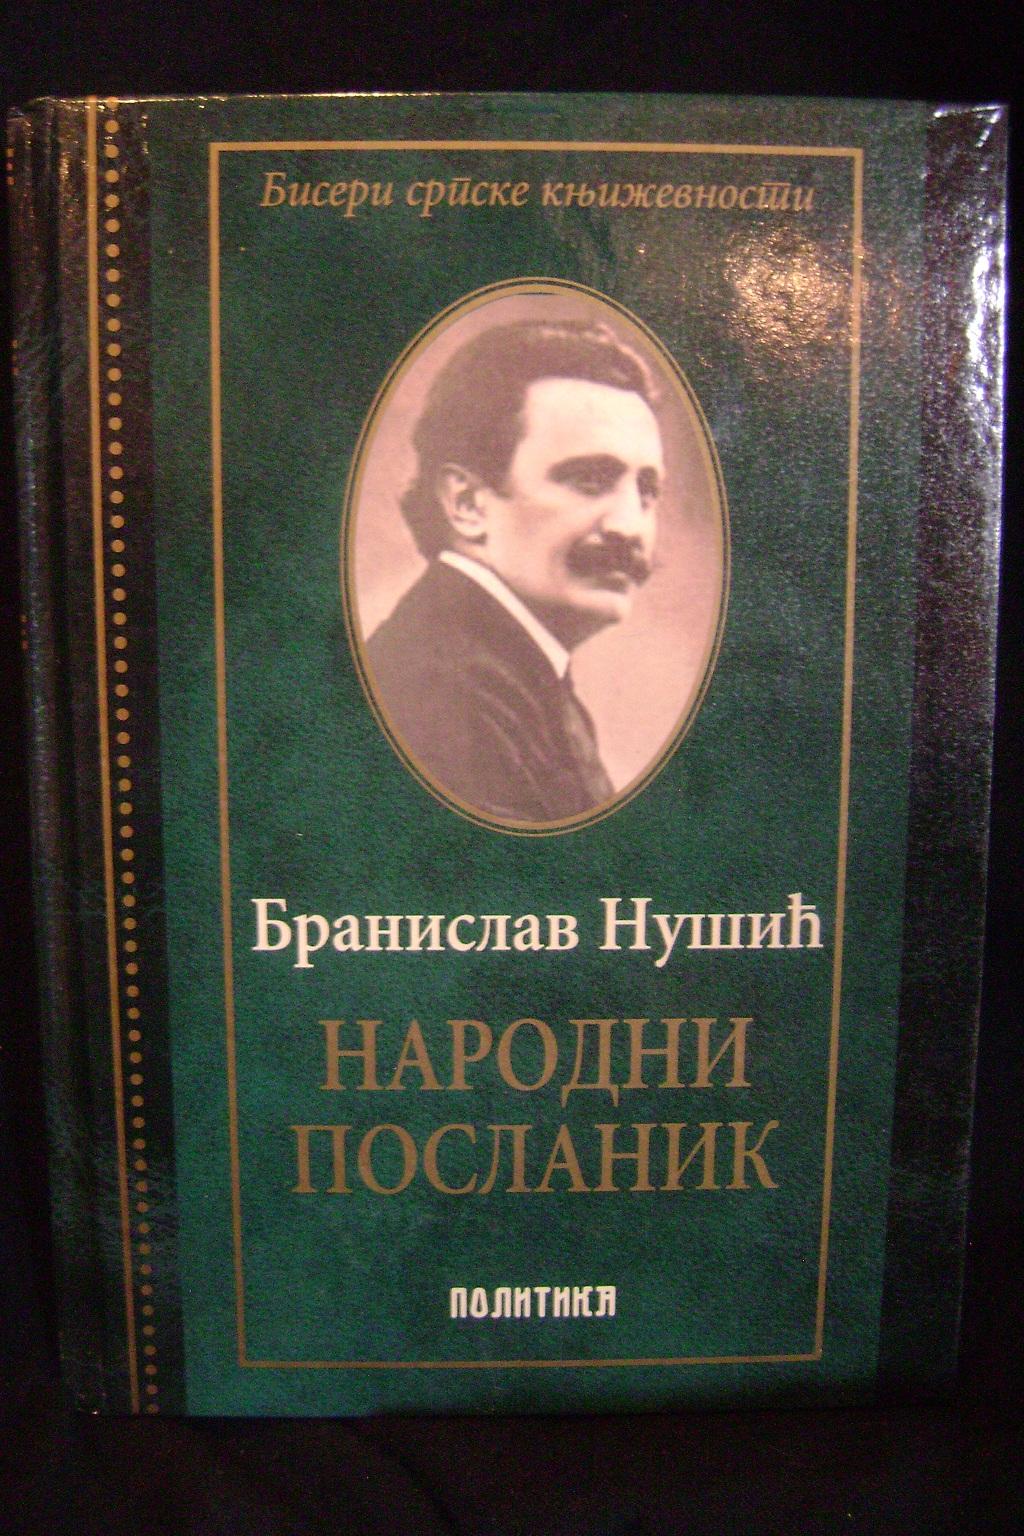 NARODNI_POSLANIK_Branislav_Nušić.JPG